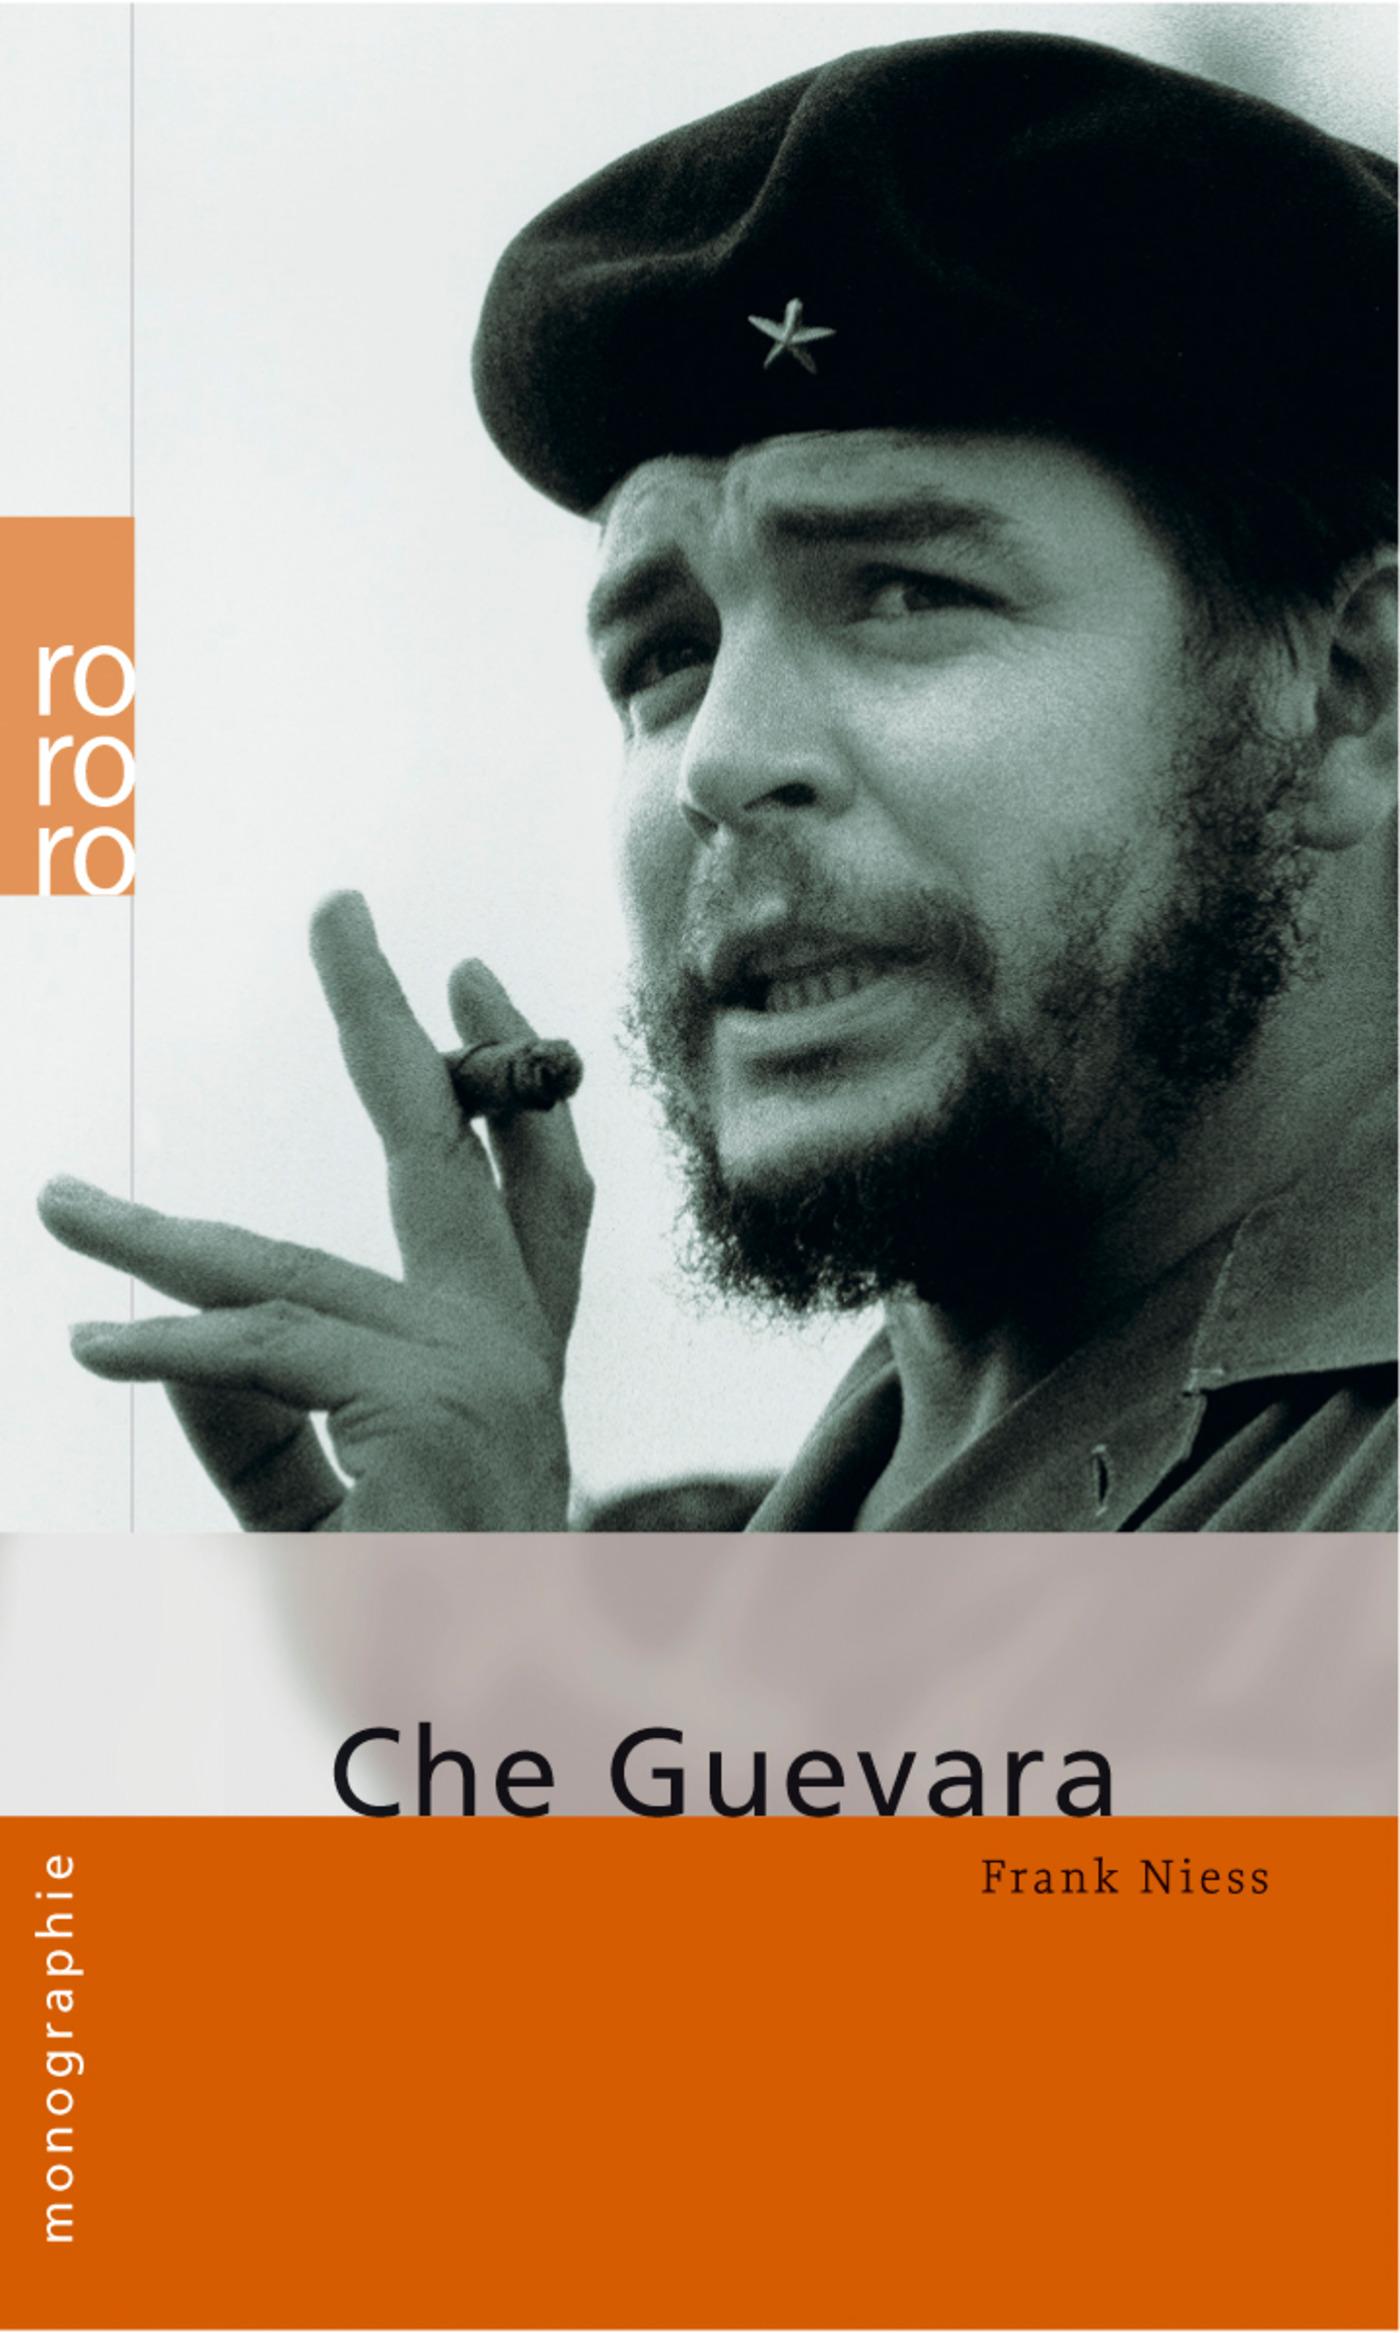 Frank Niess ~ Che Guevara 9783499506505